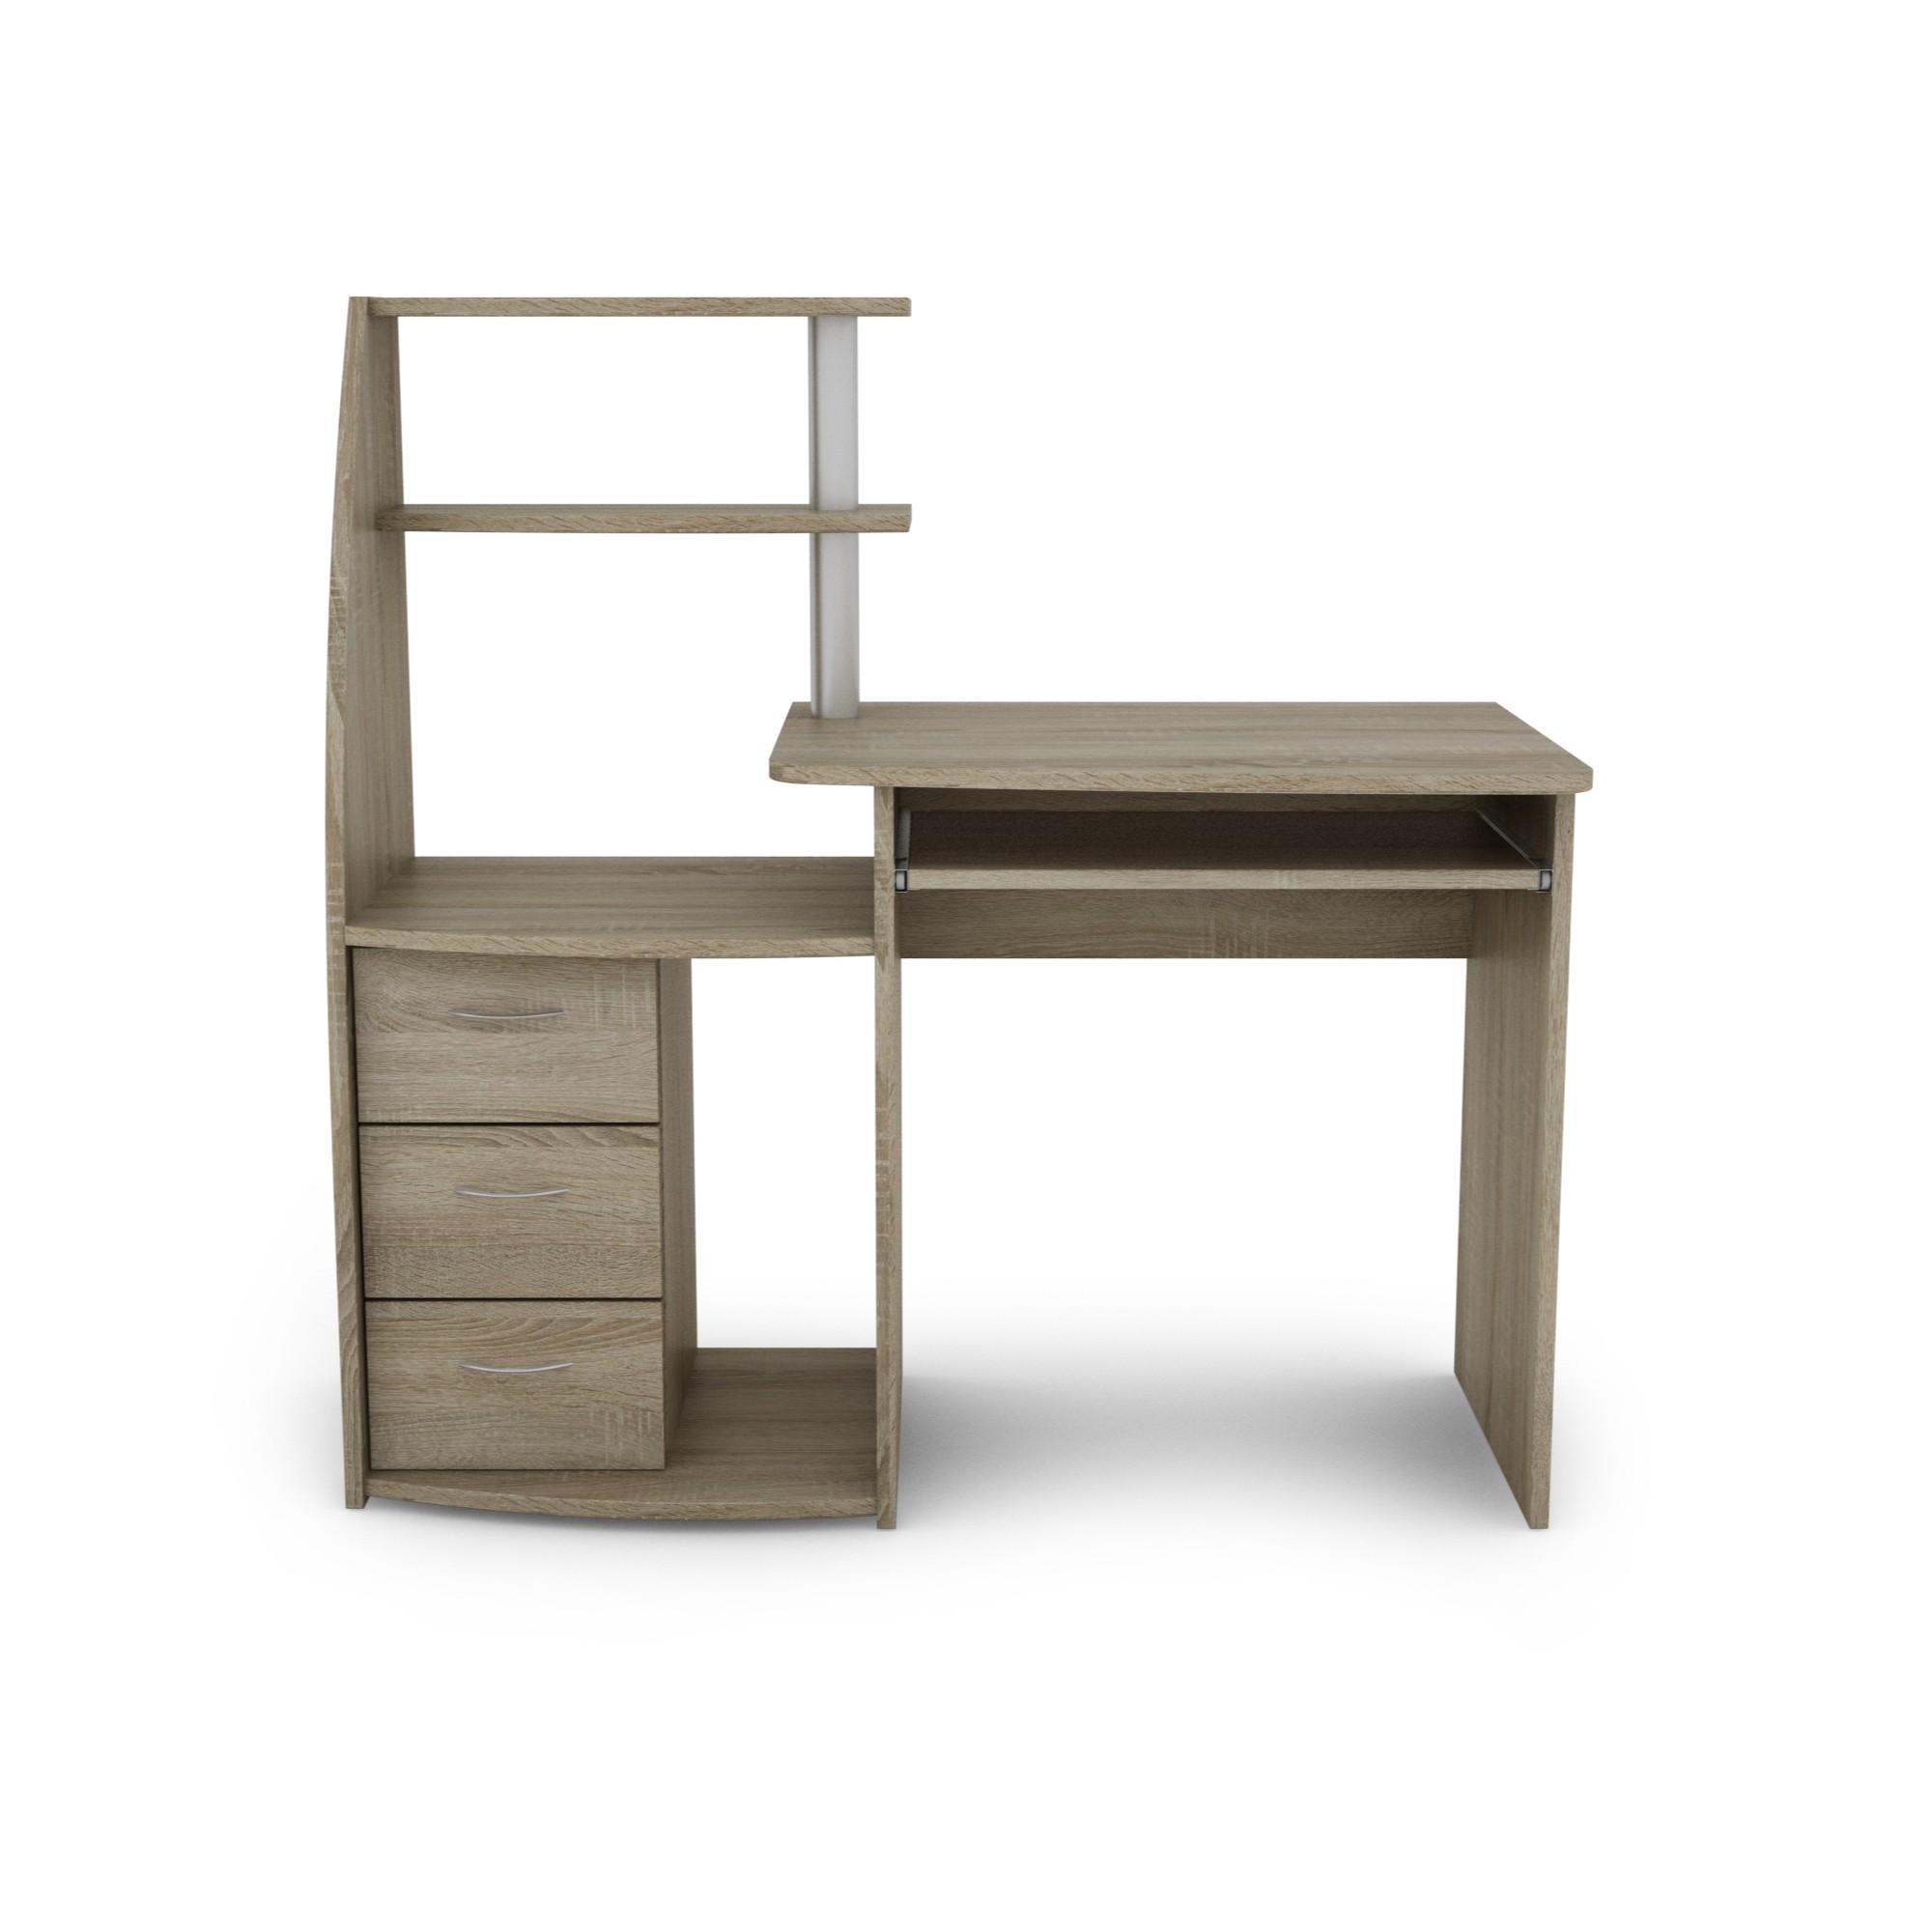 Sconto PC stôl WIKING dub sonoma Praktický PC stôl WIKING s dostatkom úložného priestoru.